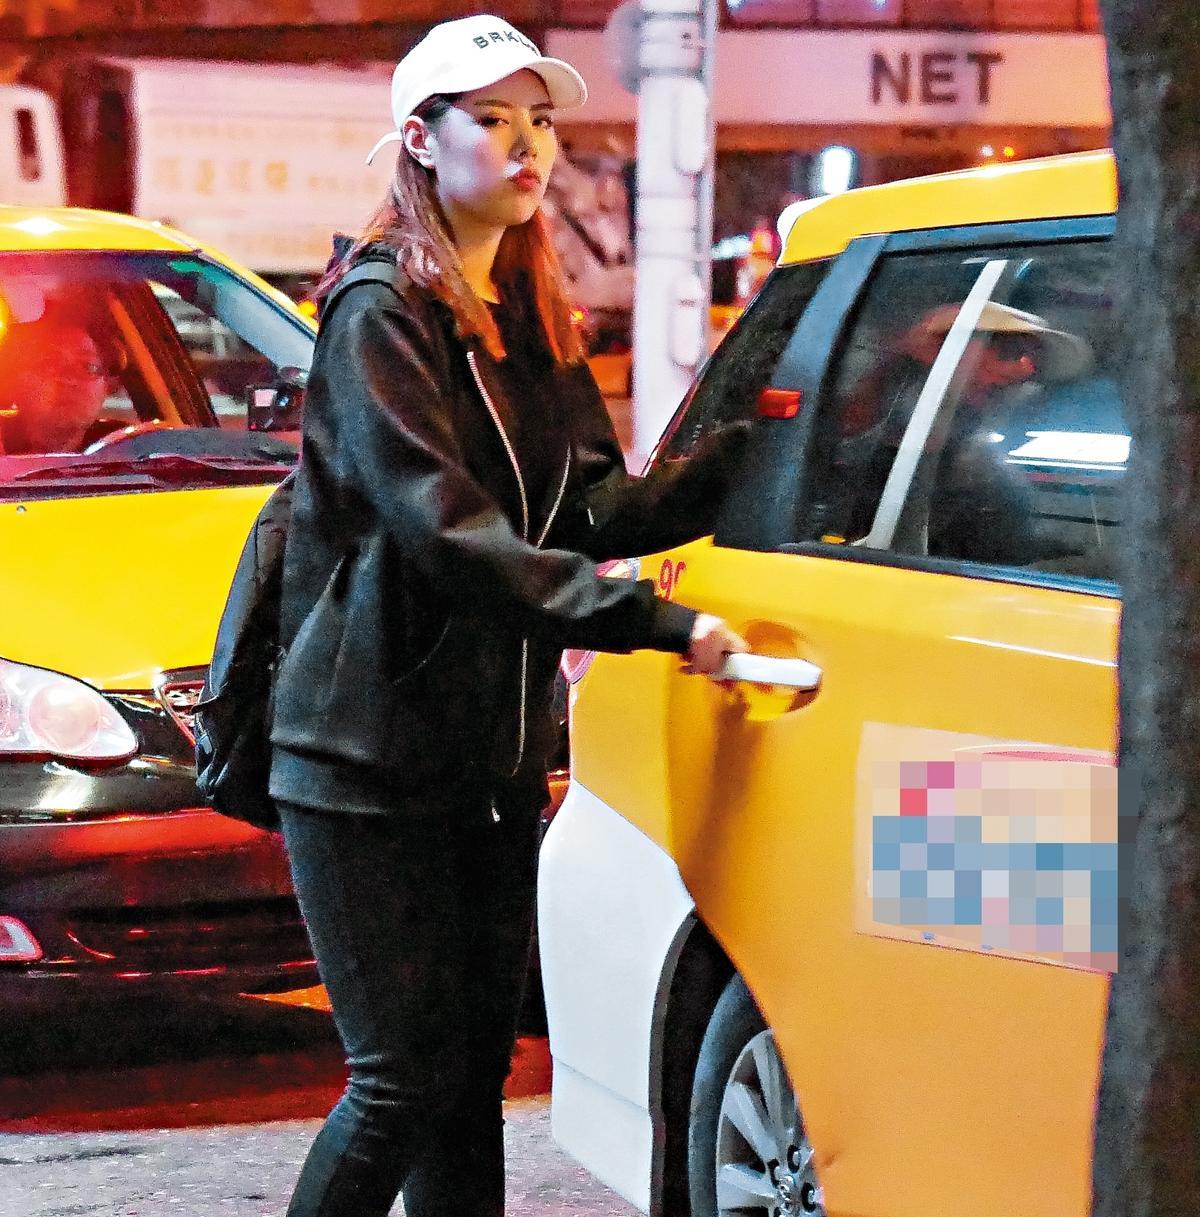 本刊直擊春風與白帽女出現在東區KTV 門口,春風還指示白帽女先上計程車等待。